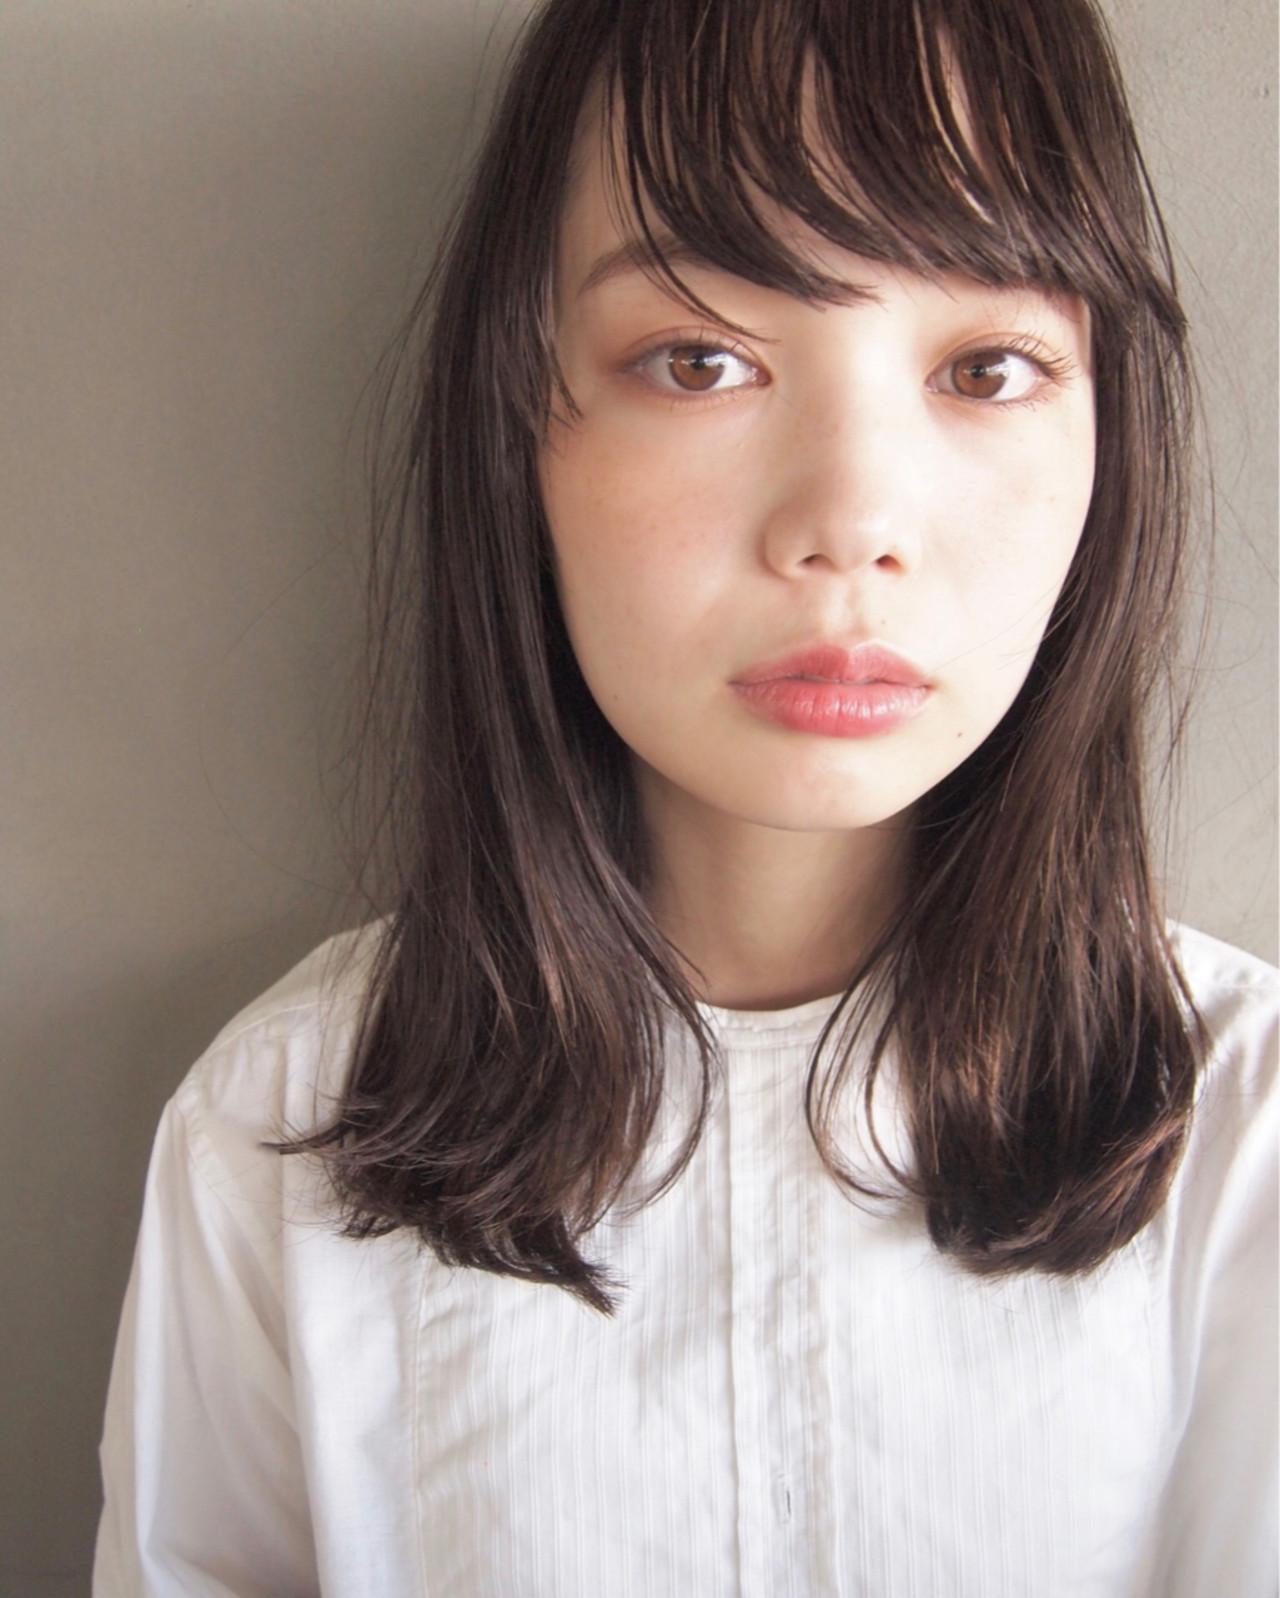 黒髪でナチュラルな印象に UEKI/nanuk